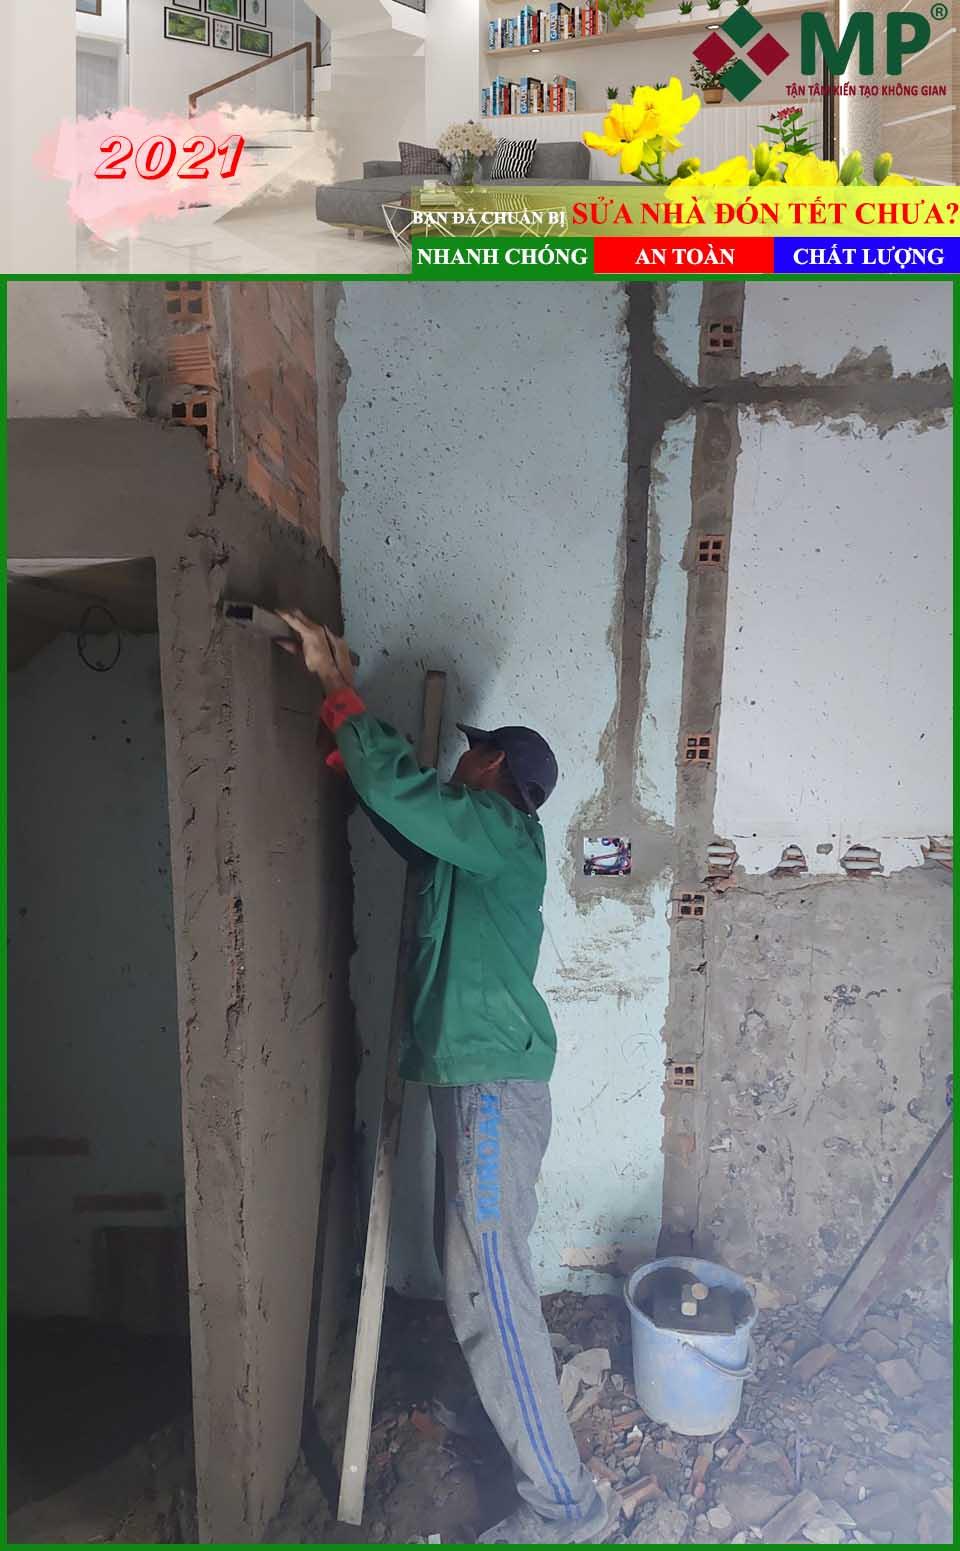 sửa chữa nhà cuối năm